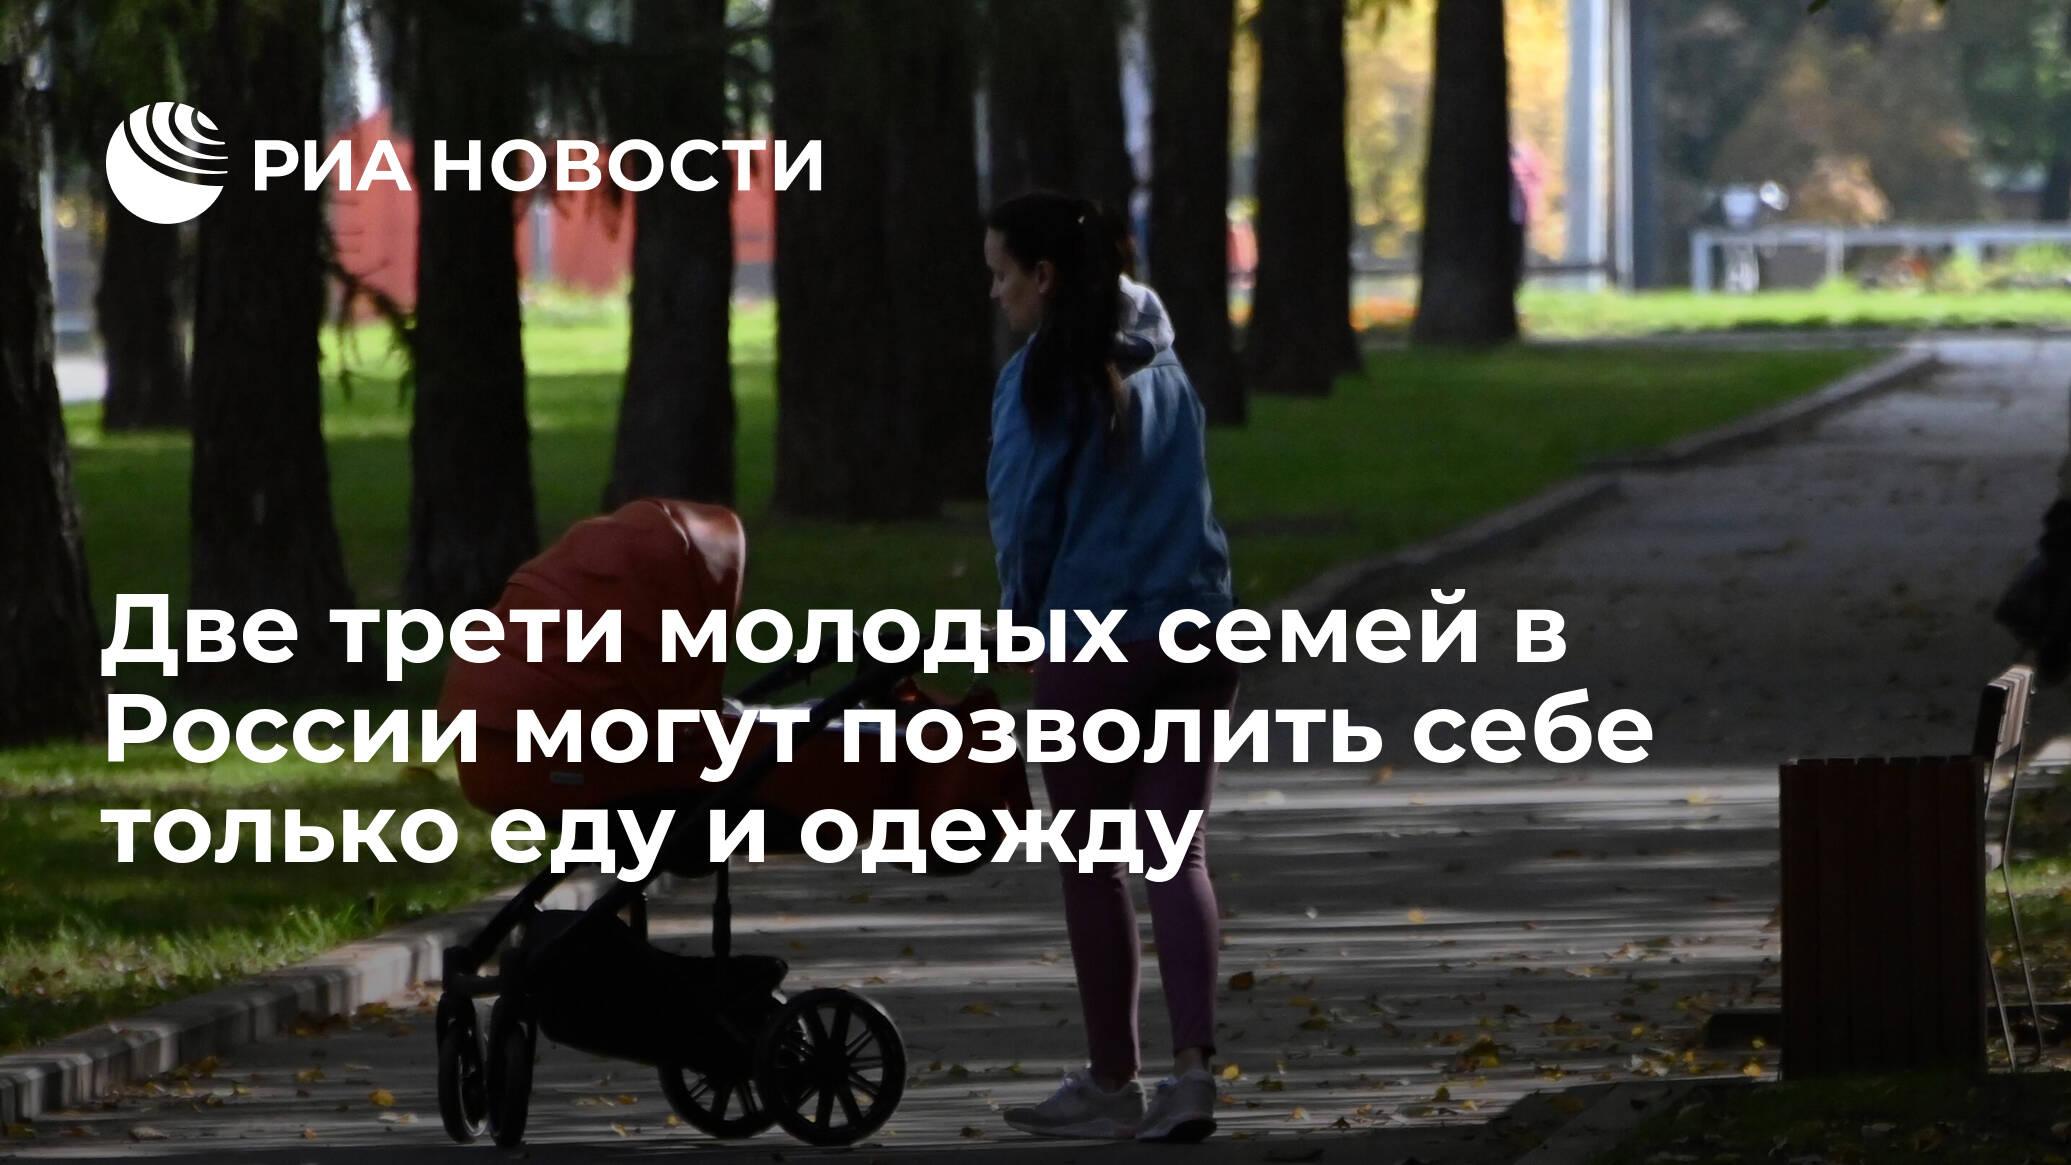 Две трети молодых семей в России могут позволить себе только еду и одежду